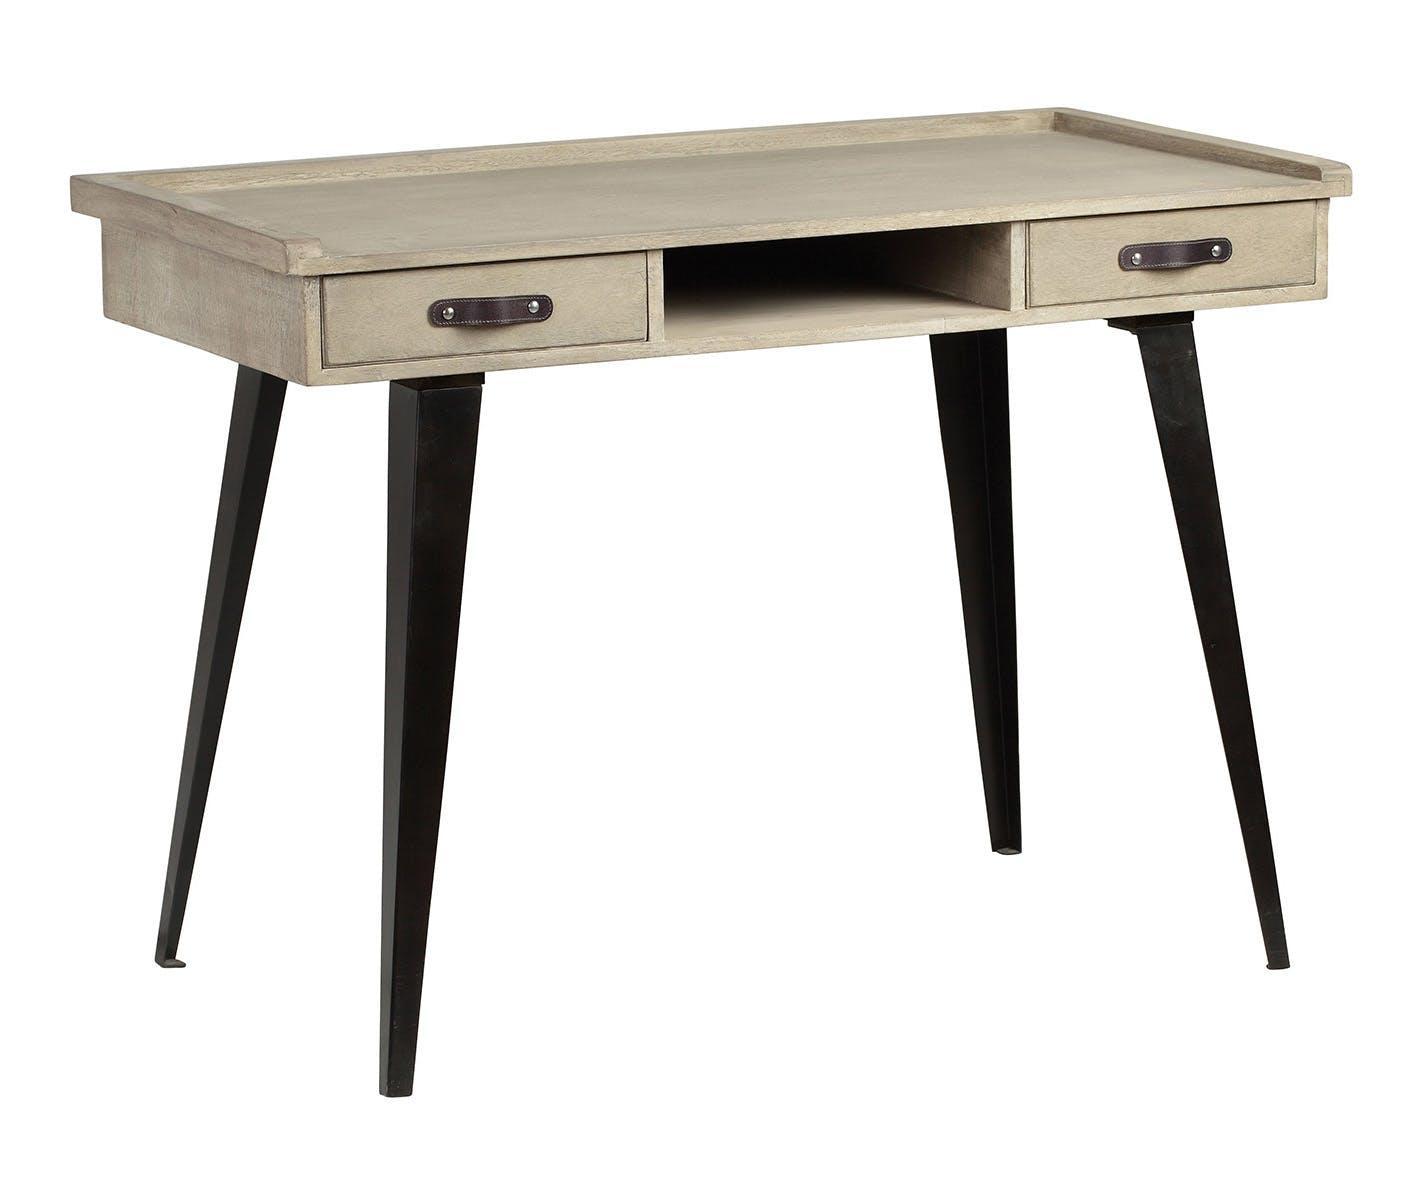 Bureau en manguier massif 2 tiroirs pieds métal 110x60xH81cm BUFFALO